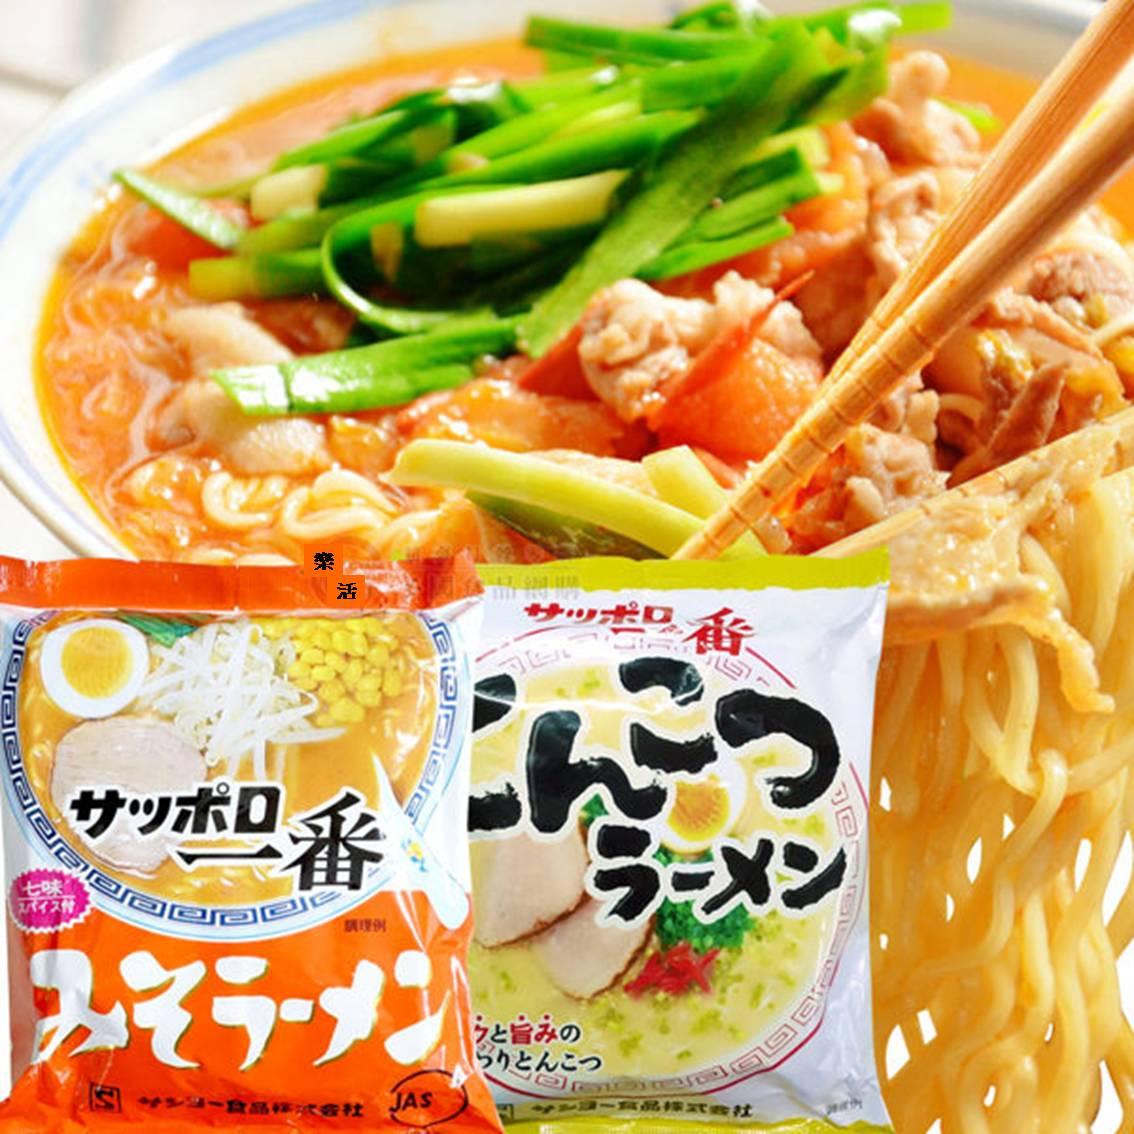 日本一番拉麵 味噌/豚骨 泡麵 【樂活生活館】